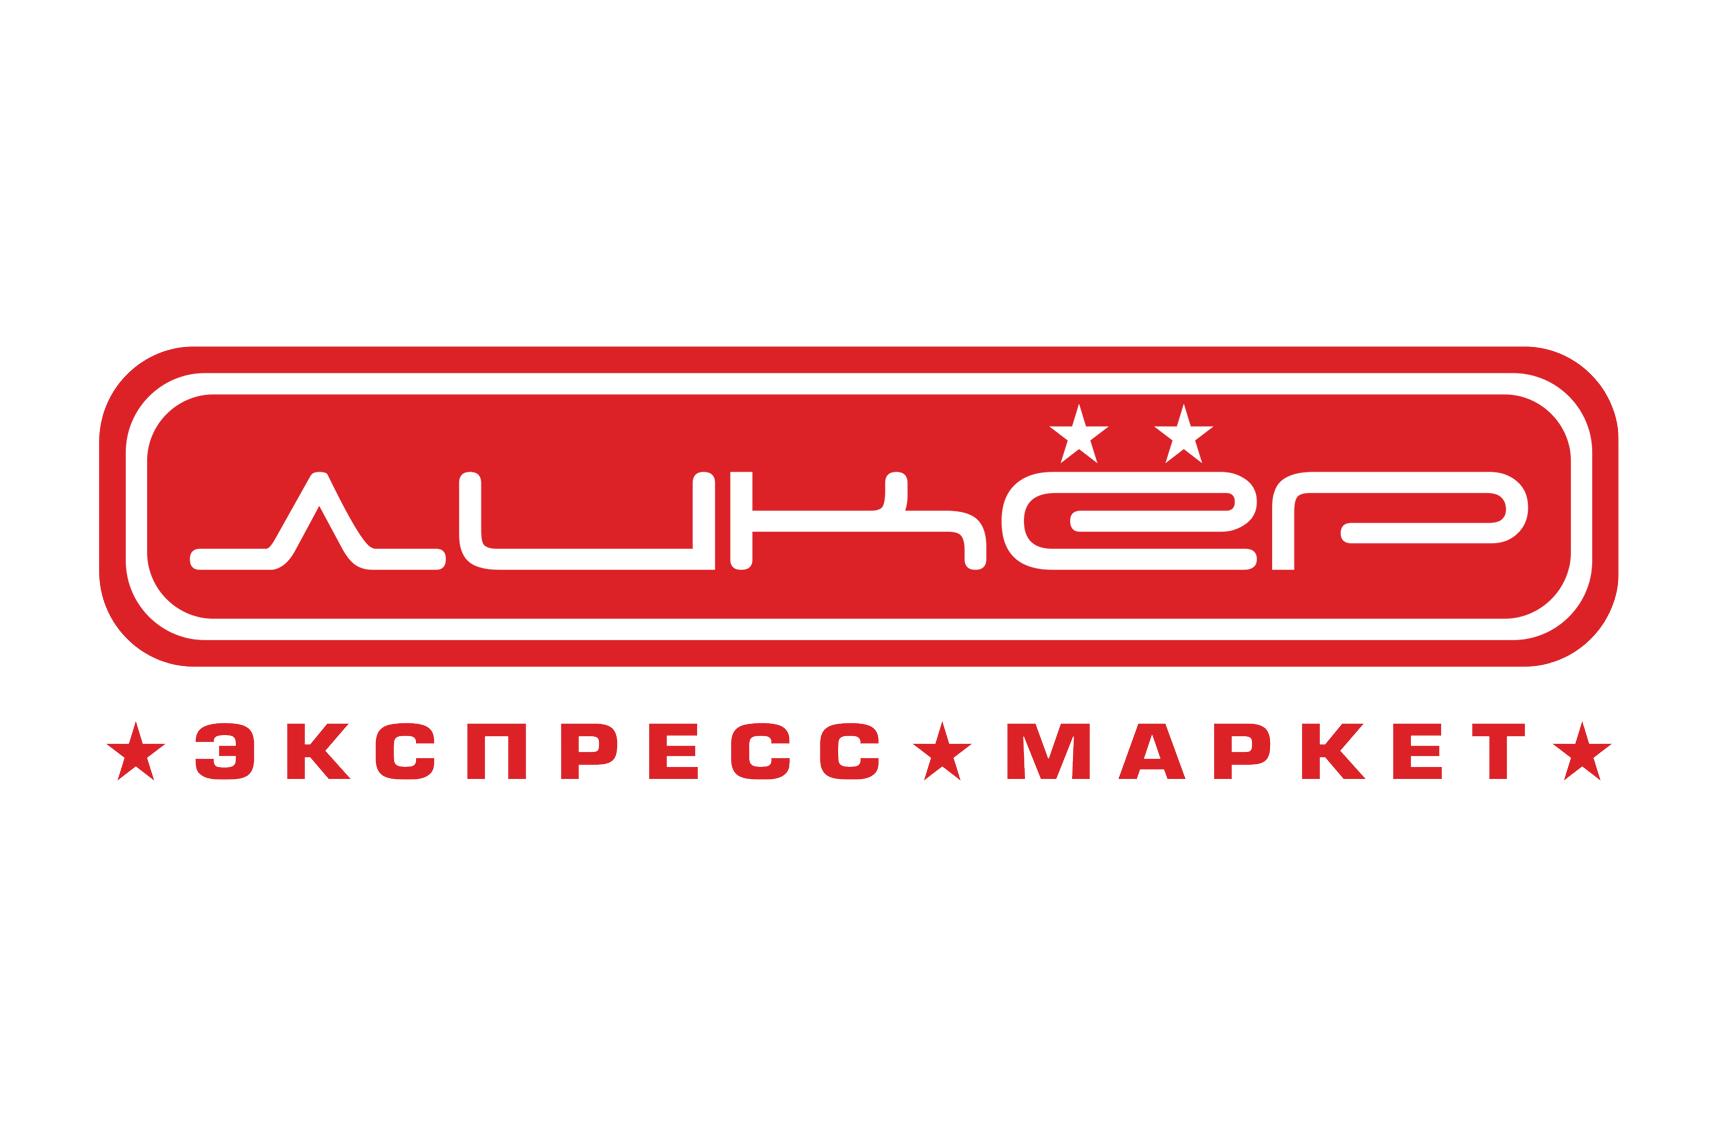 Ликер экспресс маркет